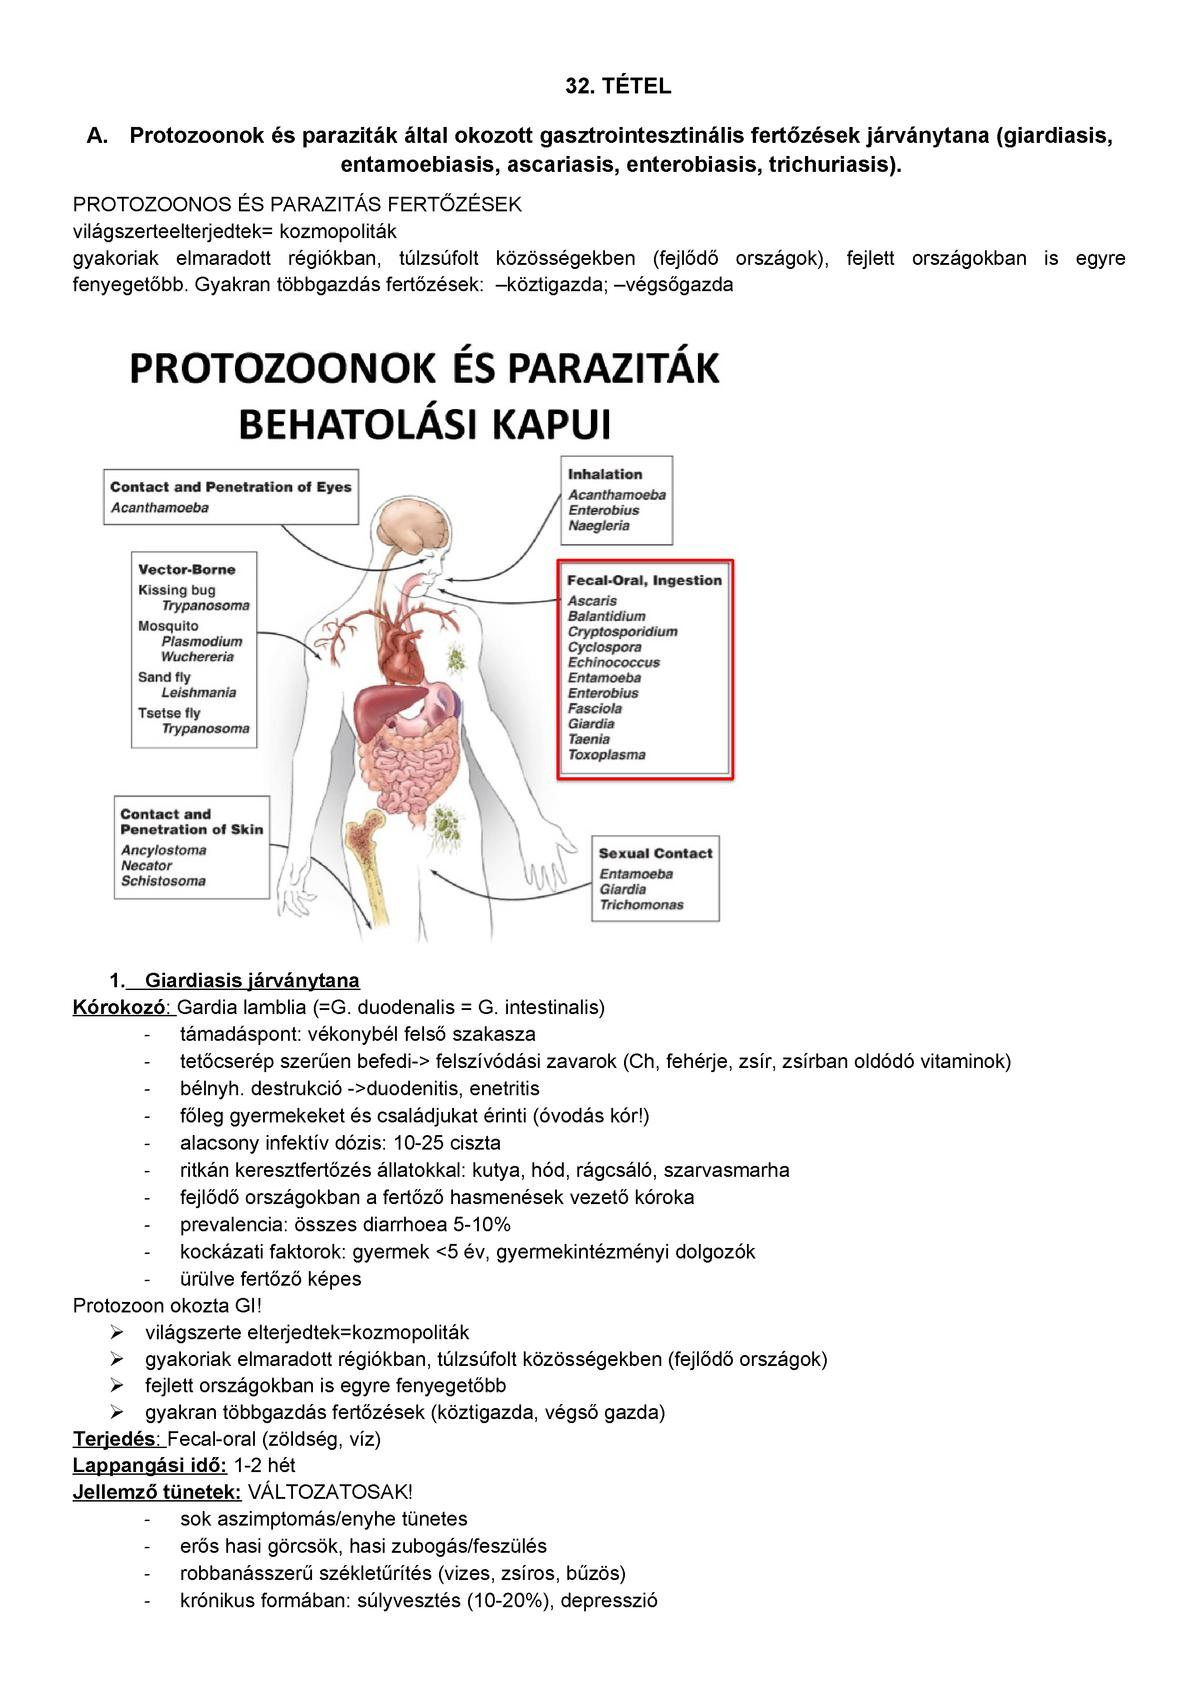 A malária tünetei, kezelése és megelőzése, Plasmodium fertőzés forrása